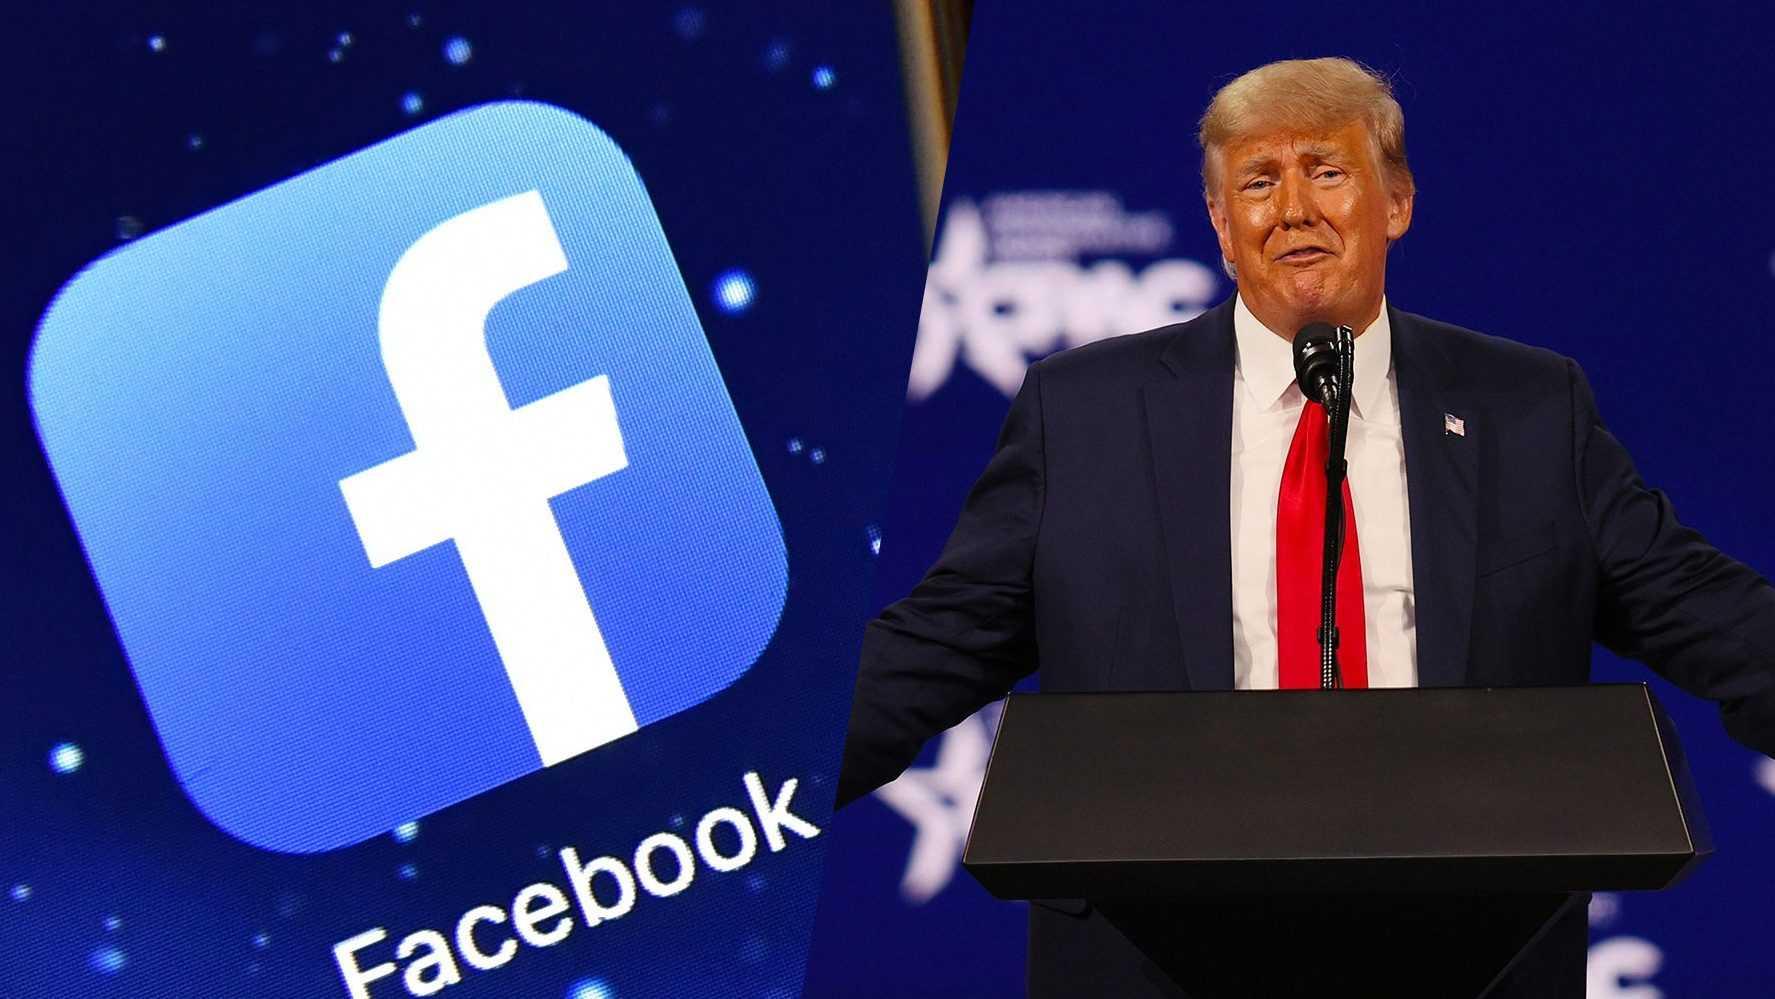 Facebook ne protégera plus les publications des politiciens : ils suivront les mêmes règles que les autres